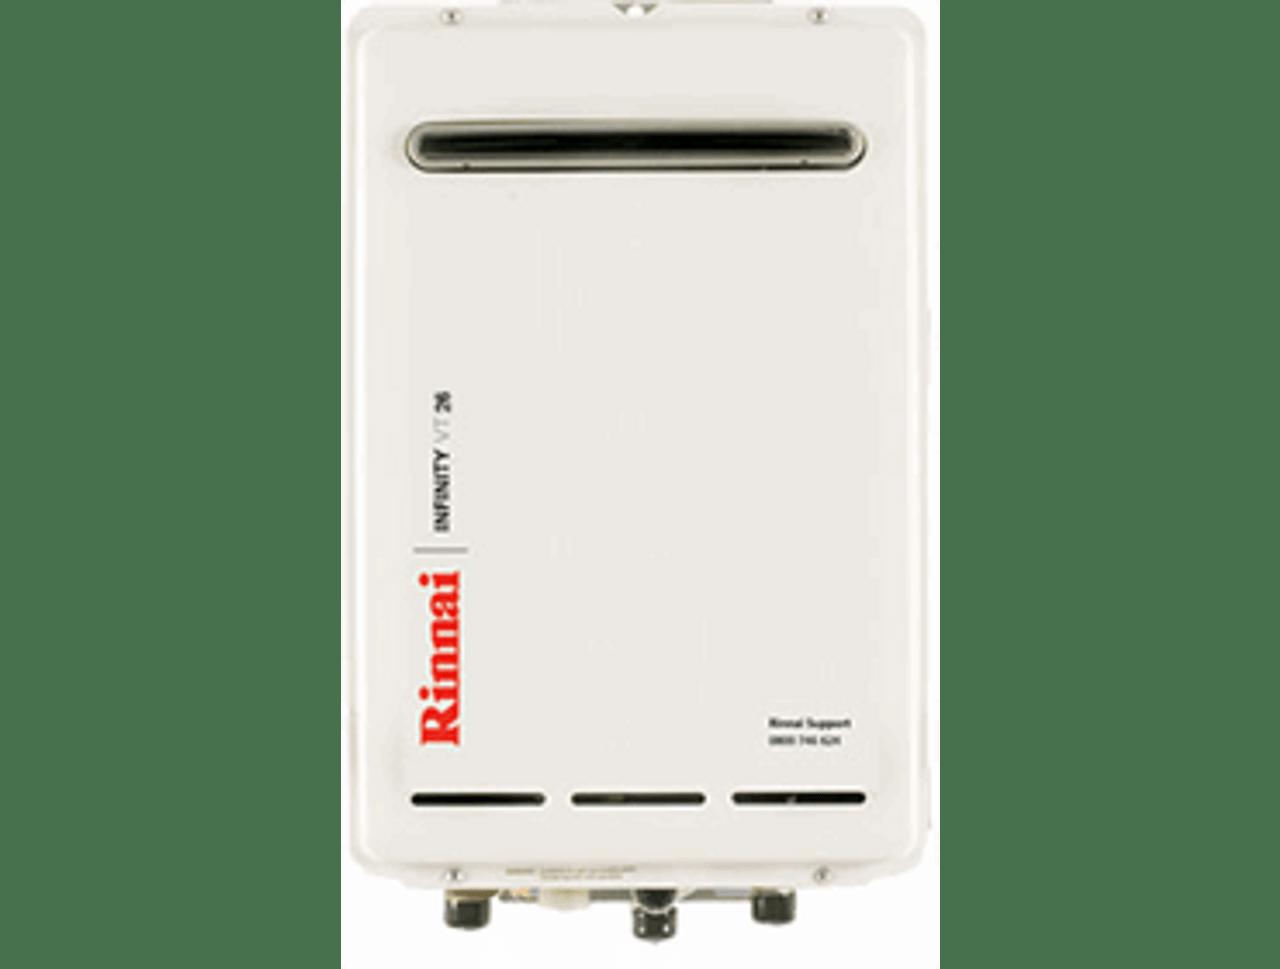 Rinnai Infinity VT26 External Gas Water Heater (LPG)